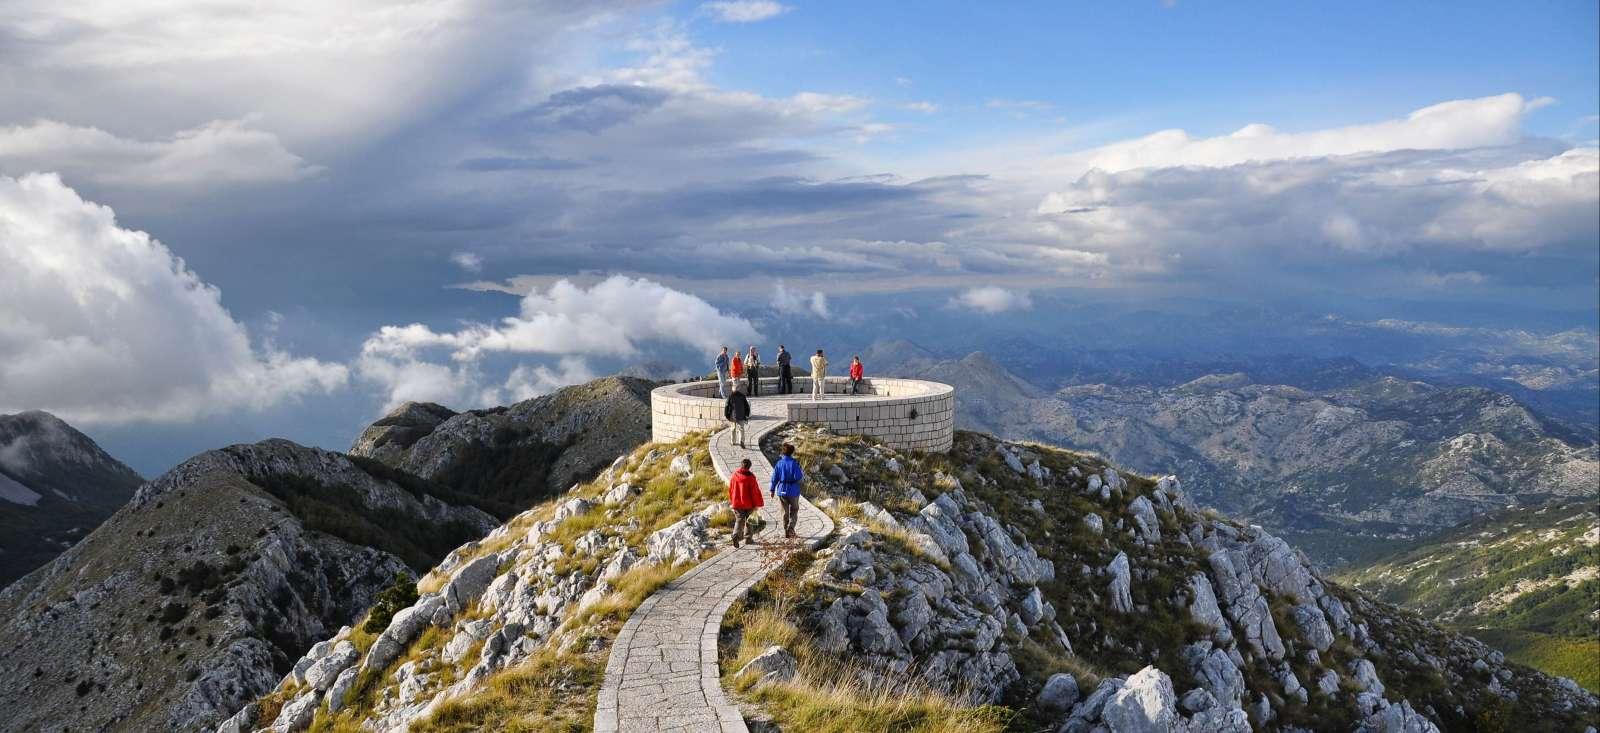 Voyage à pied : Montagnes et rives du Monténégro